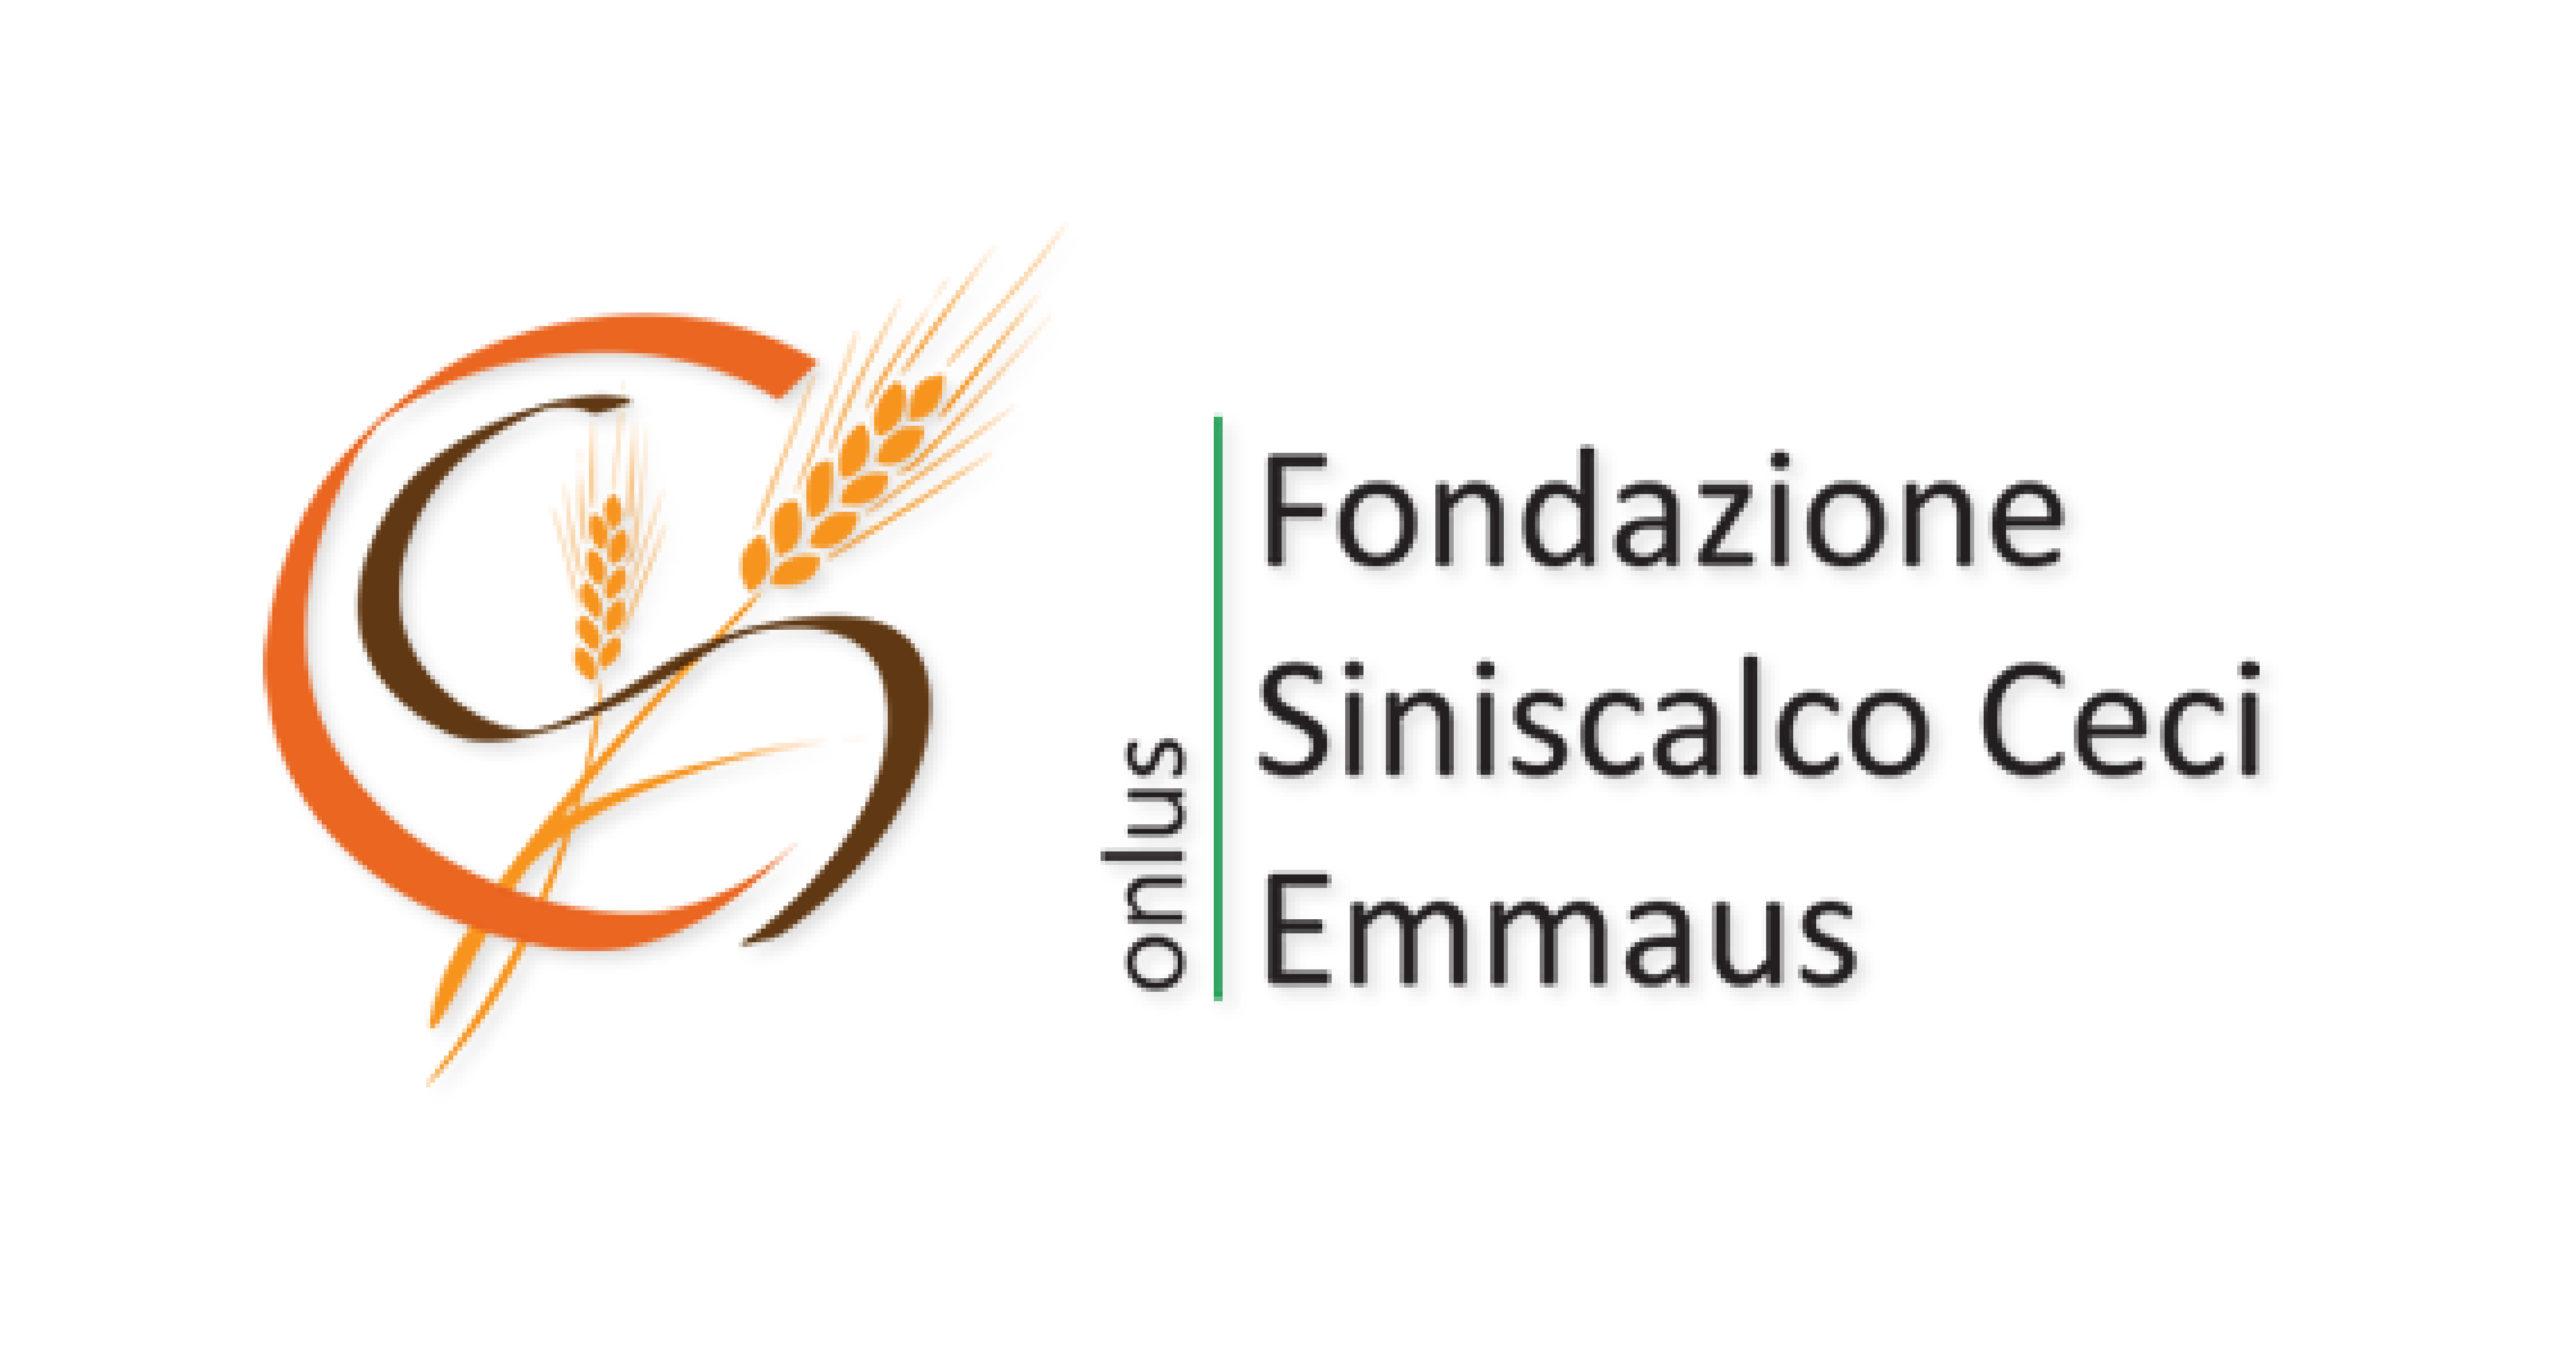 Logo Fondazione Siniscalco Ceci - Emmaus